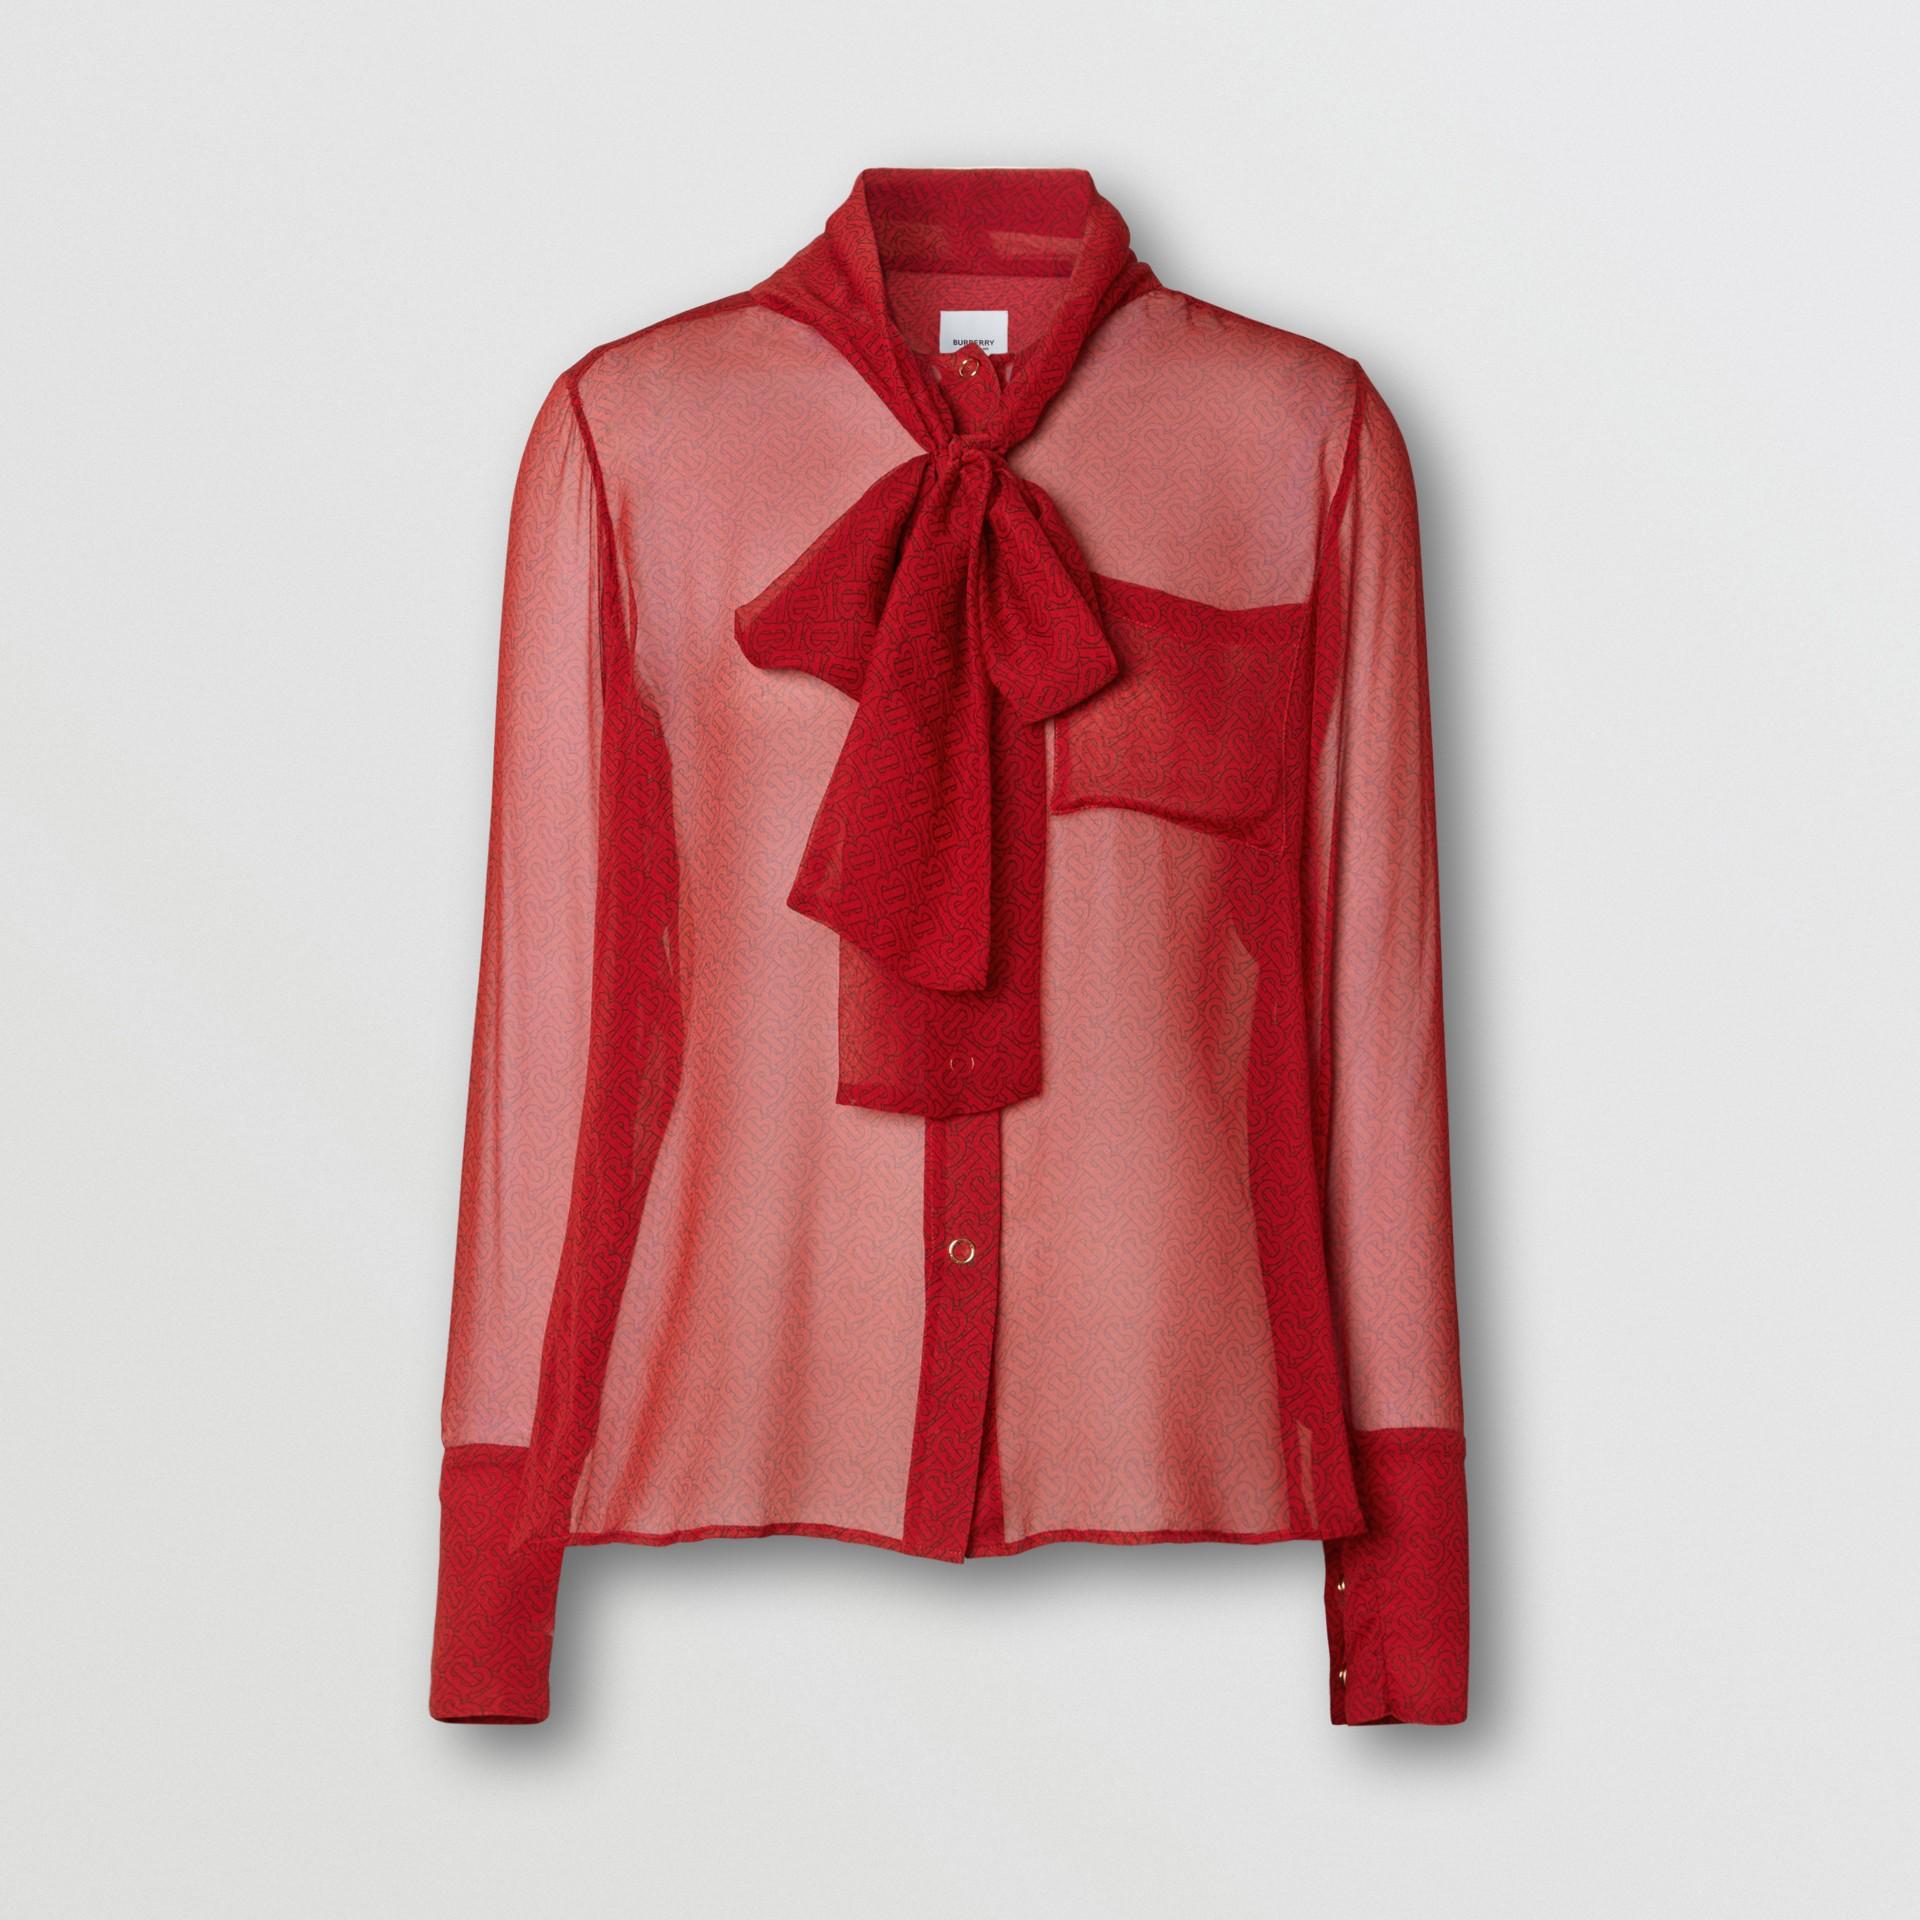 Blusa en gasa de seda con lazada al cuello y estampado de monogramas (Rojo Intenso) - Mujer | Burberry - imagen de la galería 3